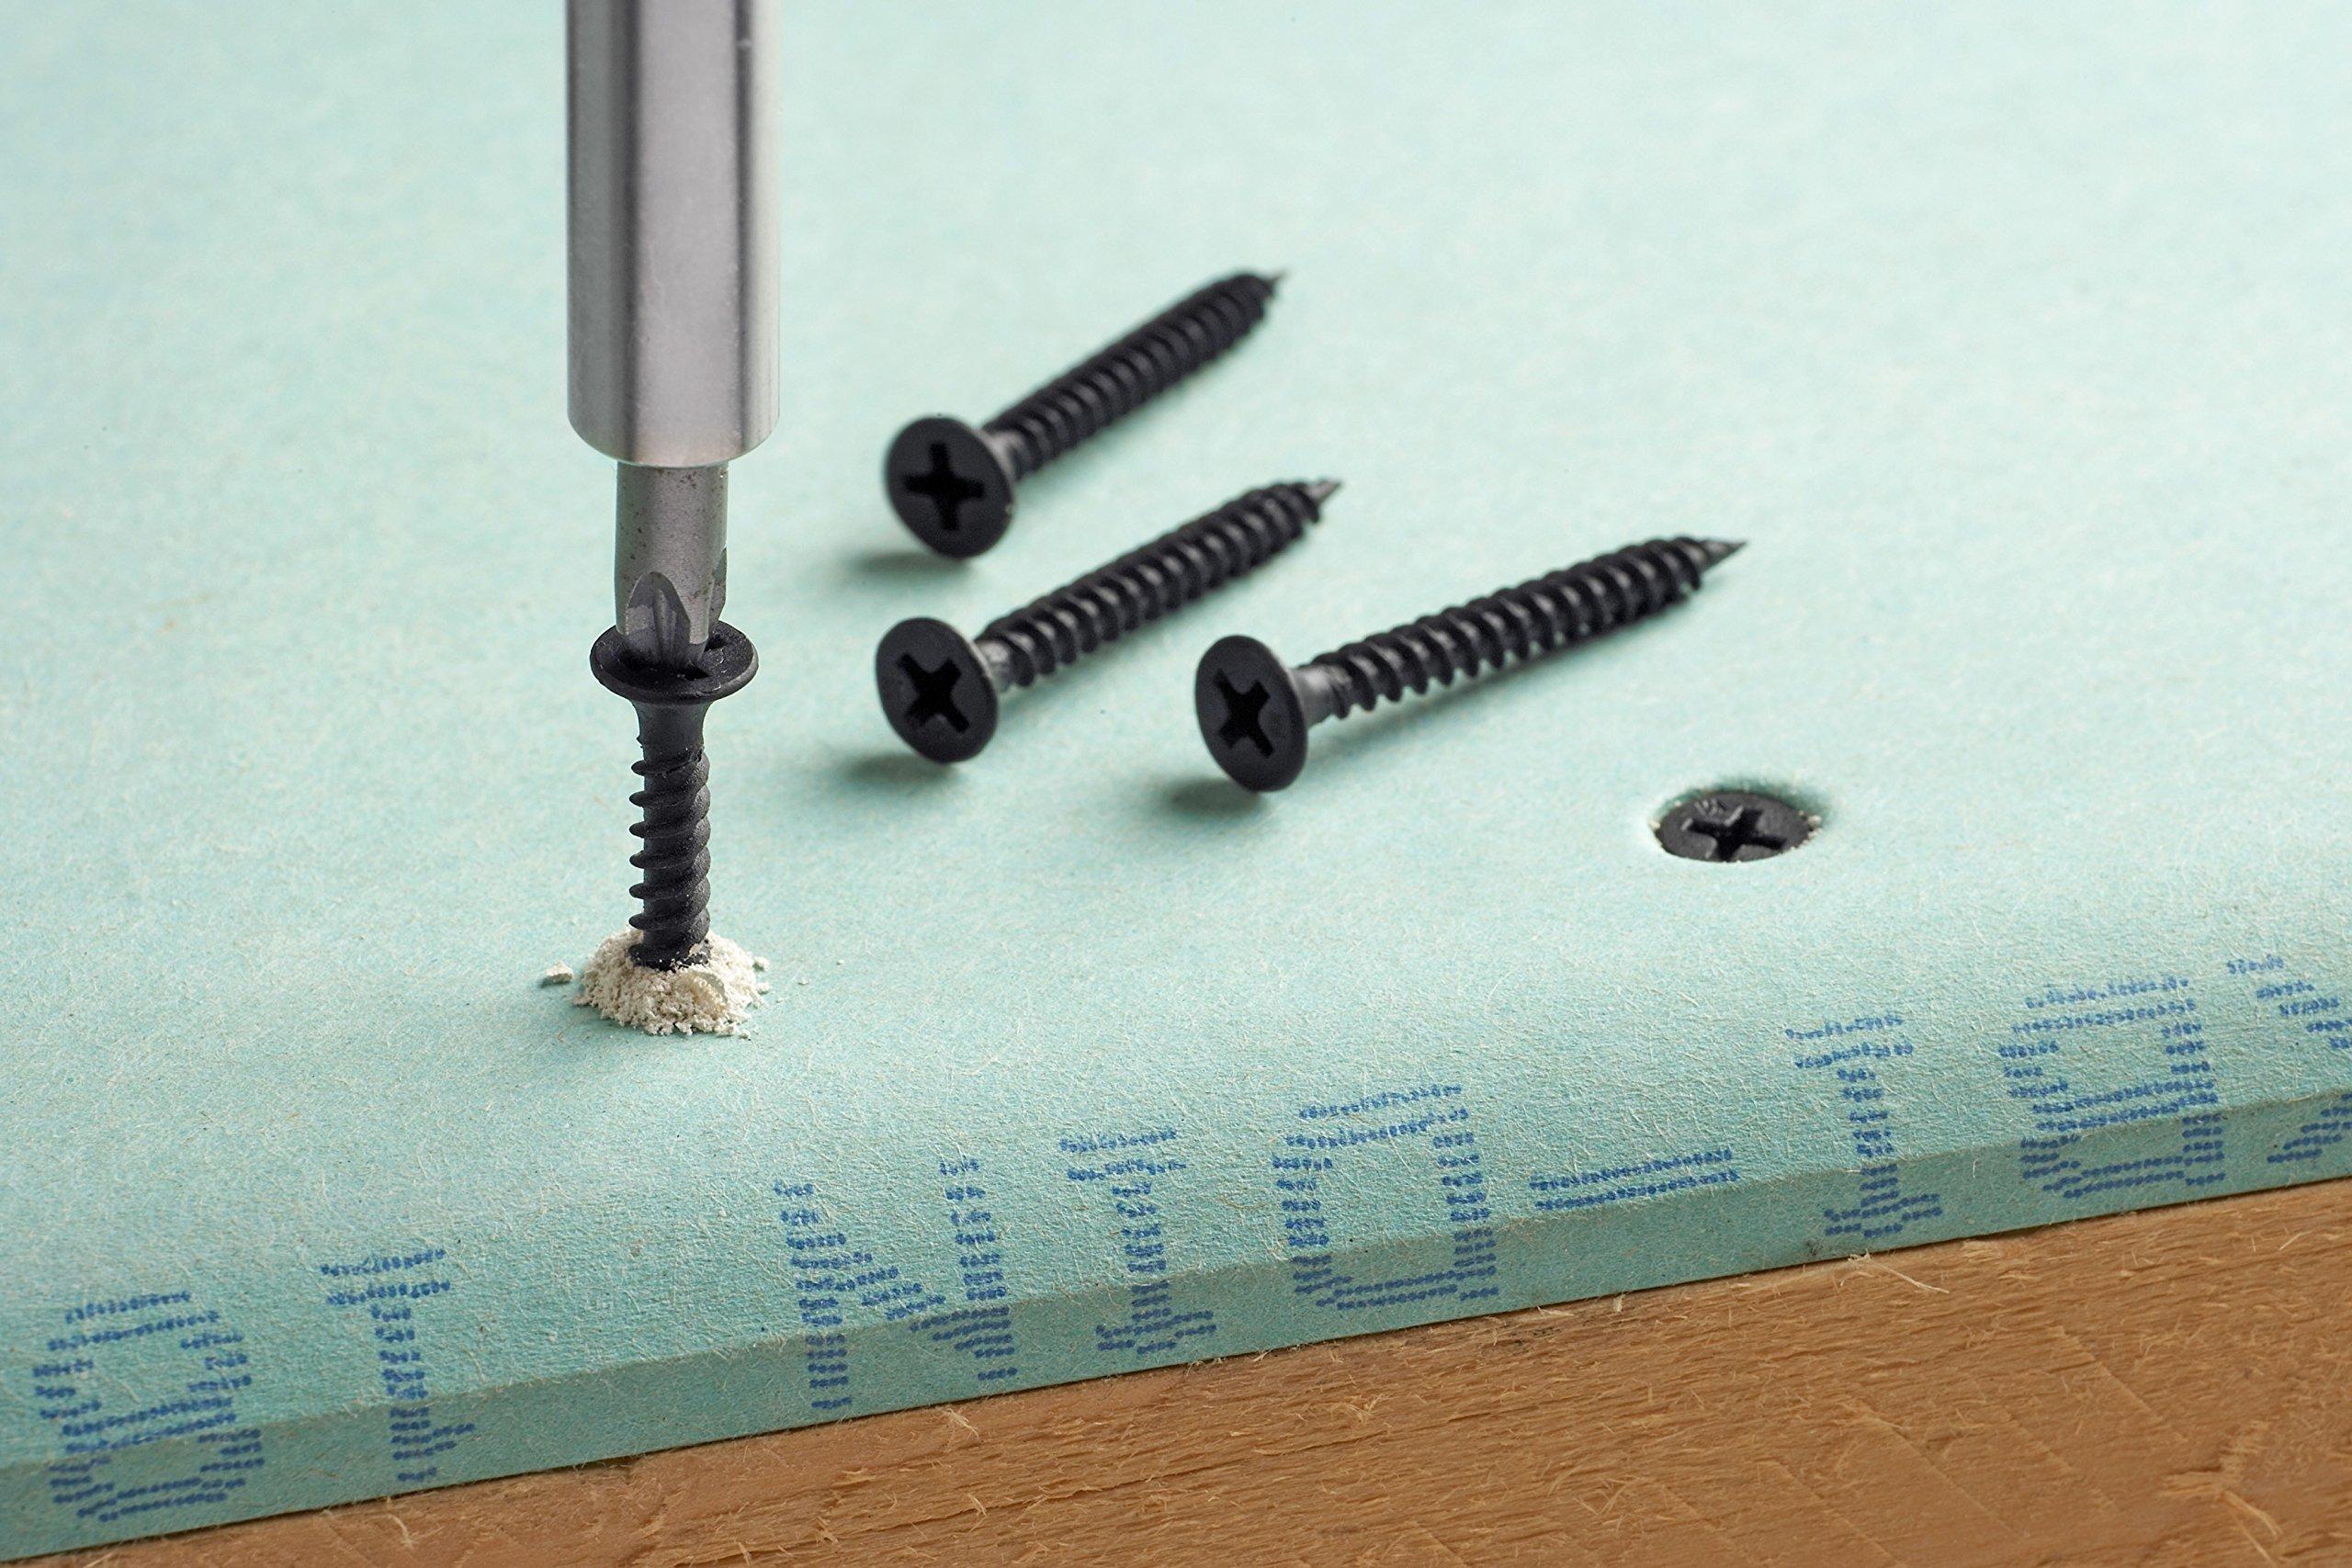 91i3SzfzNGL - Meister 3385430 - Juego de puntas de destornillador con adaptador (130 piezas, cromo vanadio)